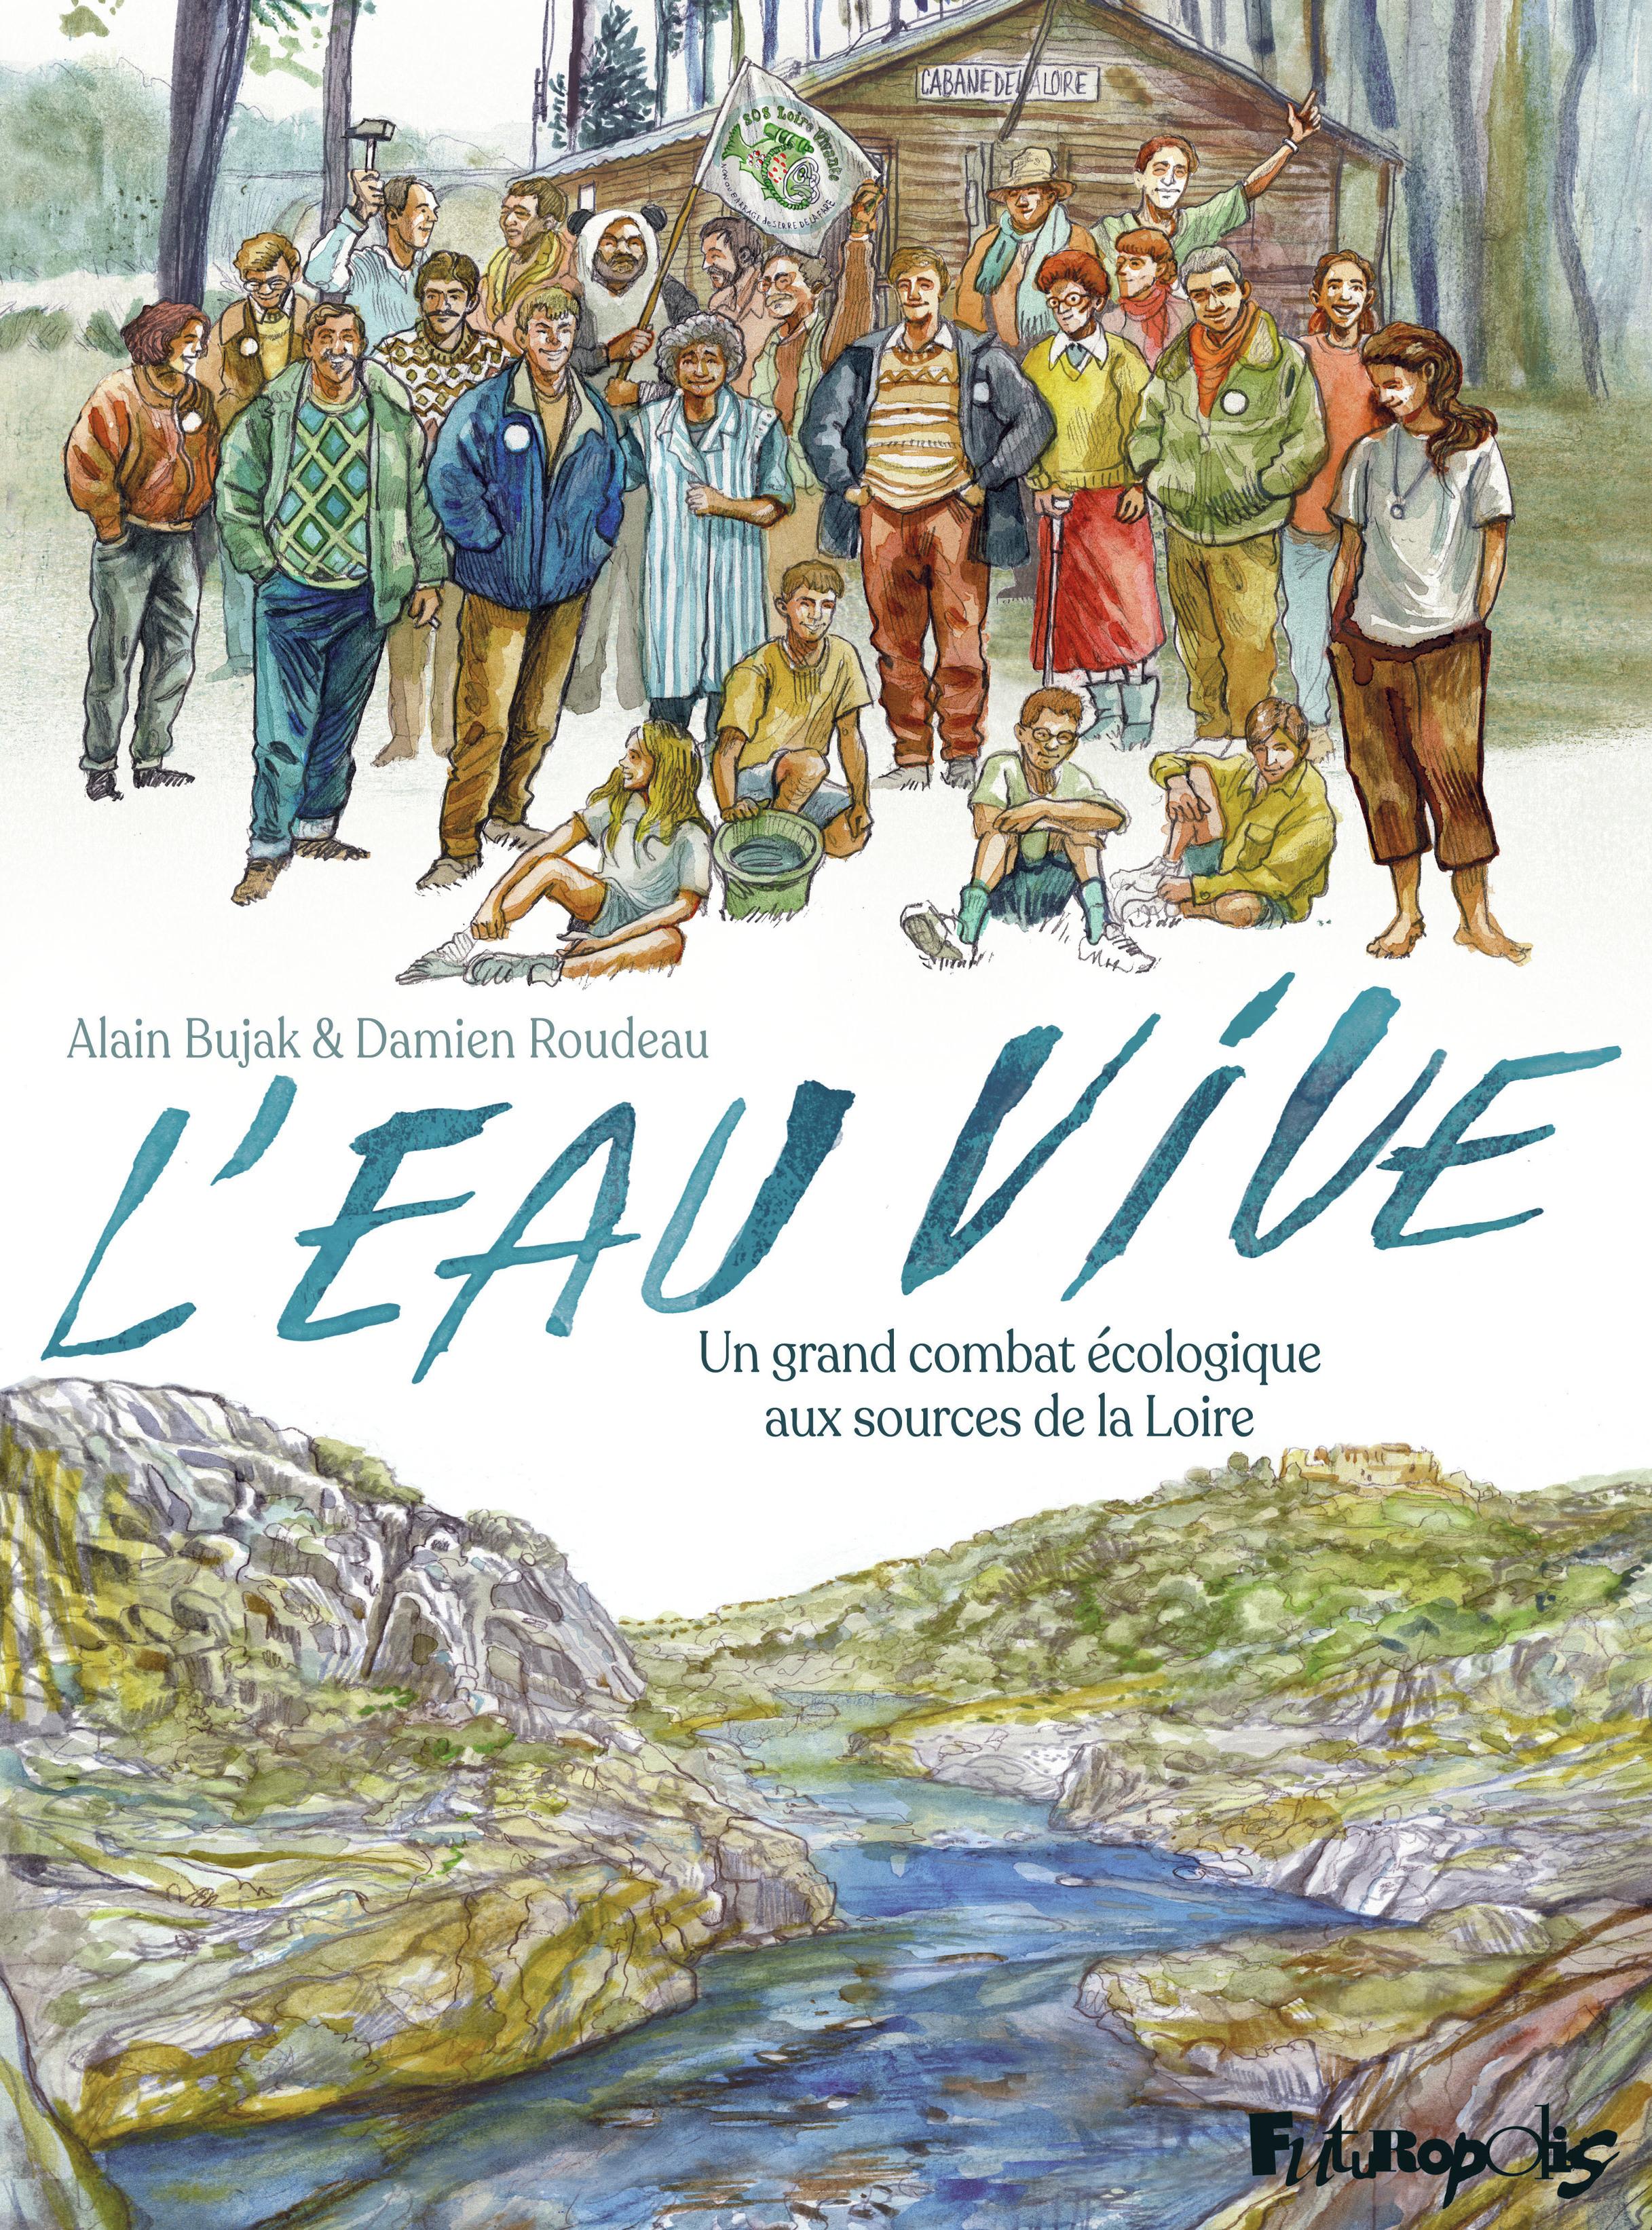 L'EAU VIVE - UN GRAND COMBAT ECOLOGIQUE AUX SOURCES DE LA LOIRE